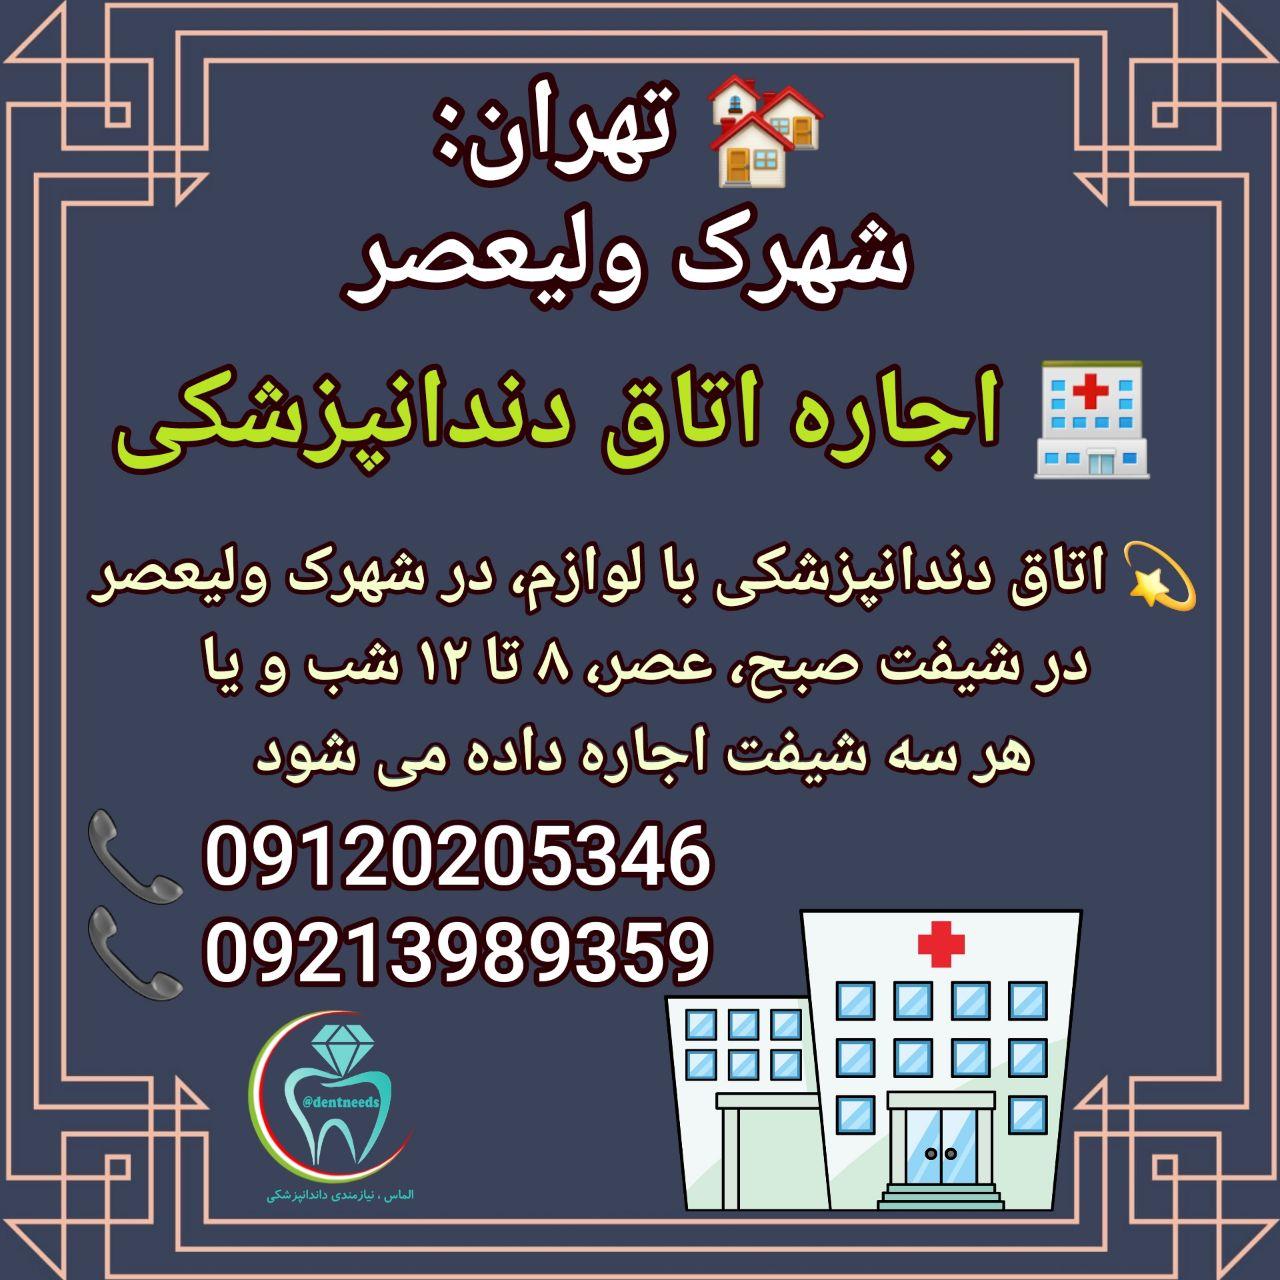 تهران: شهرک ولیعصر، اجاره اتاق دندانپزشکی